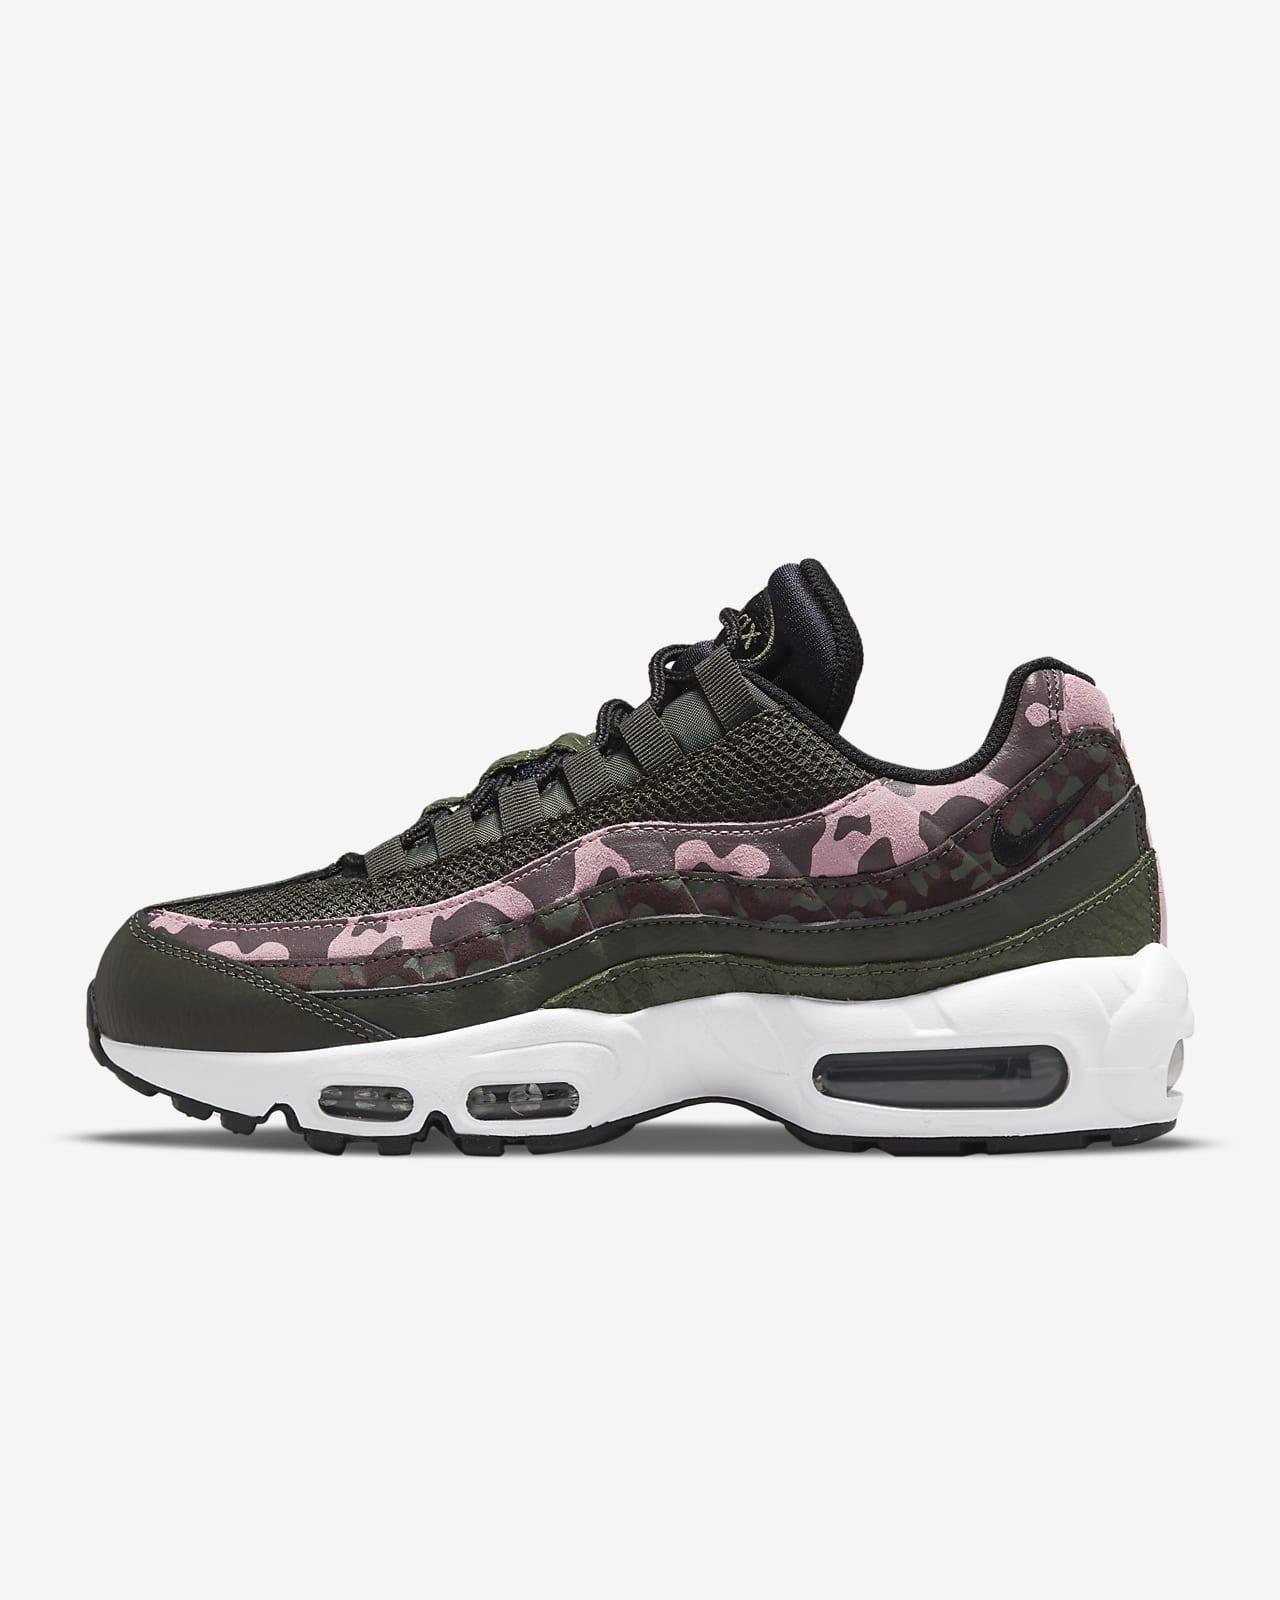 Sko Nike Air Max 95 för kvinnor